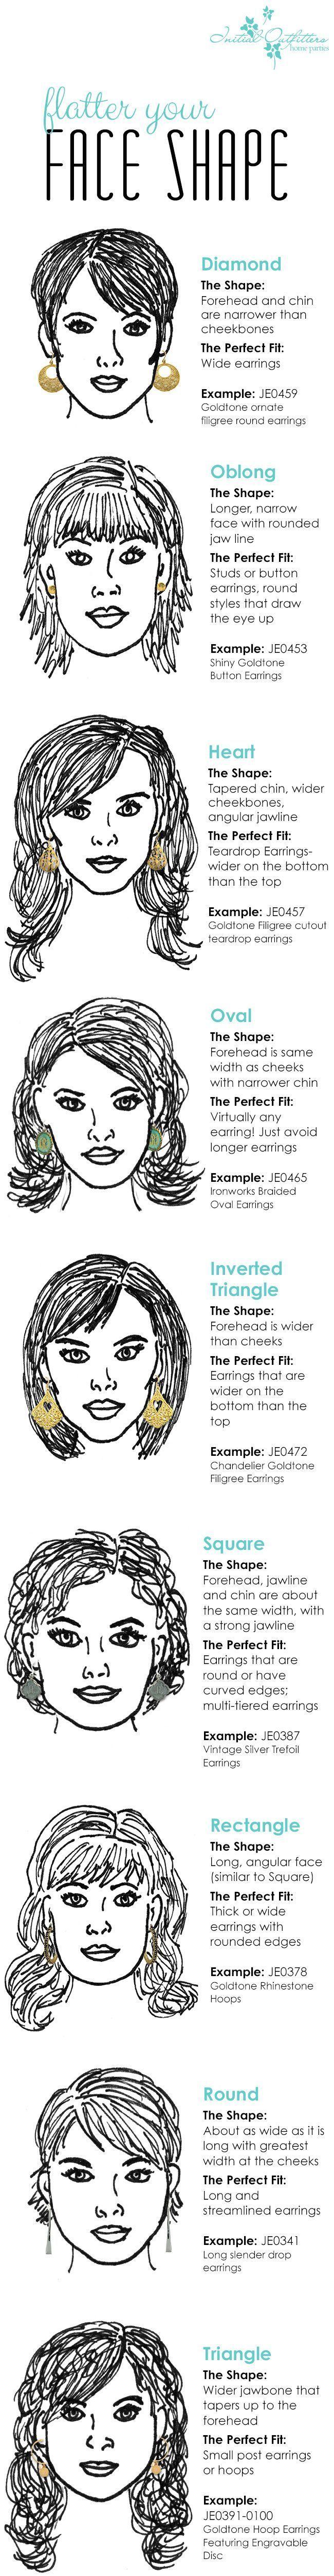 34 Perfekte Frisuren Verschiedene Gesichtsformen Wenn Ihr Gesicht In Frisuren Gesicht Gesichtsformen Perfekte Versch Face Shapes Diamond Face Beauty